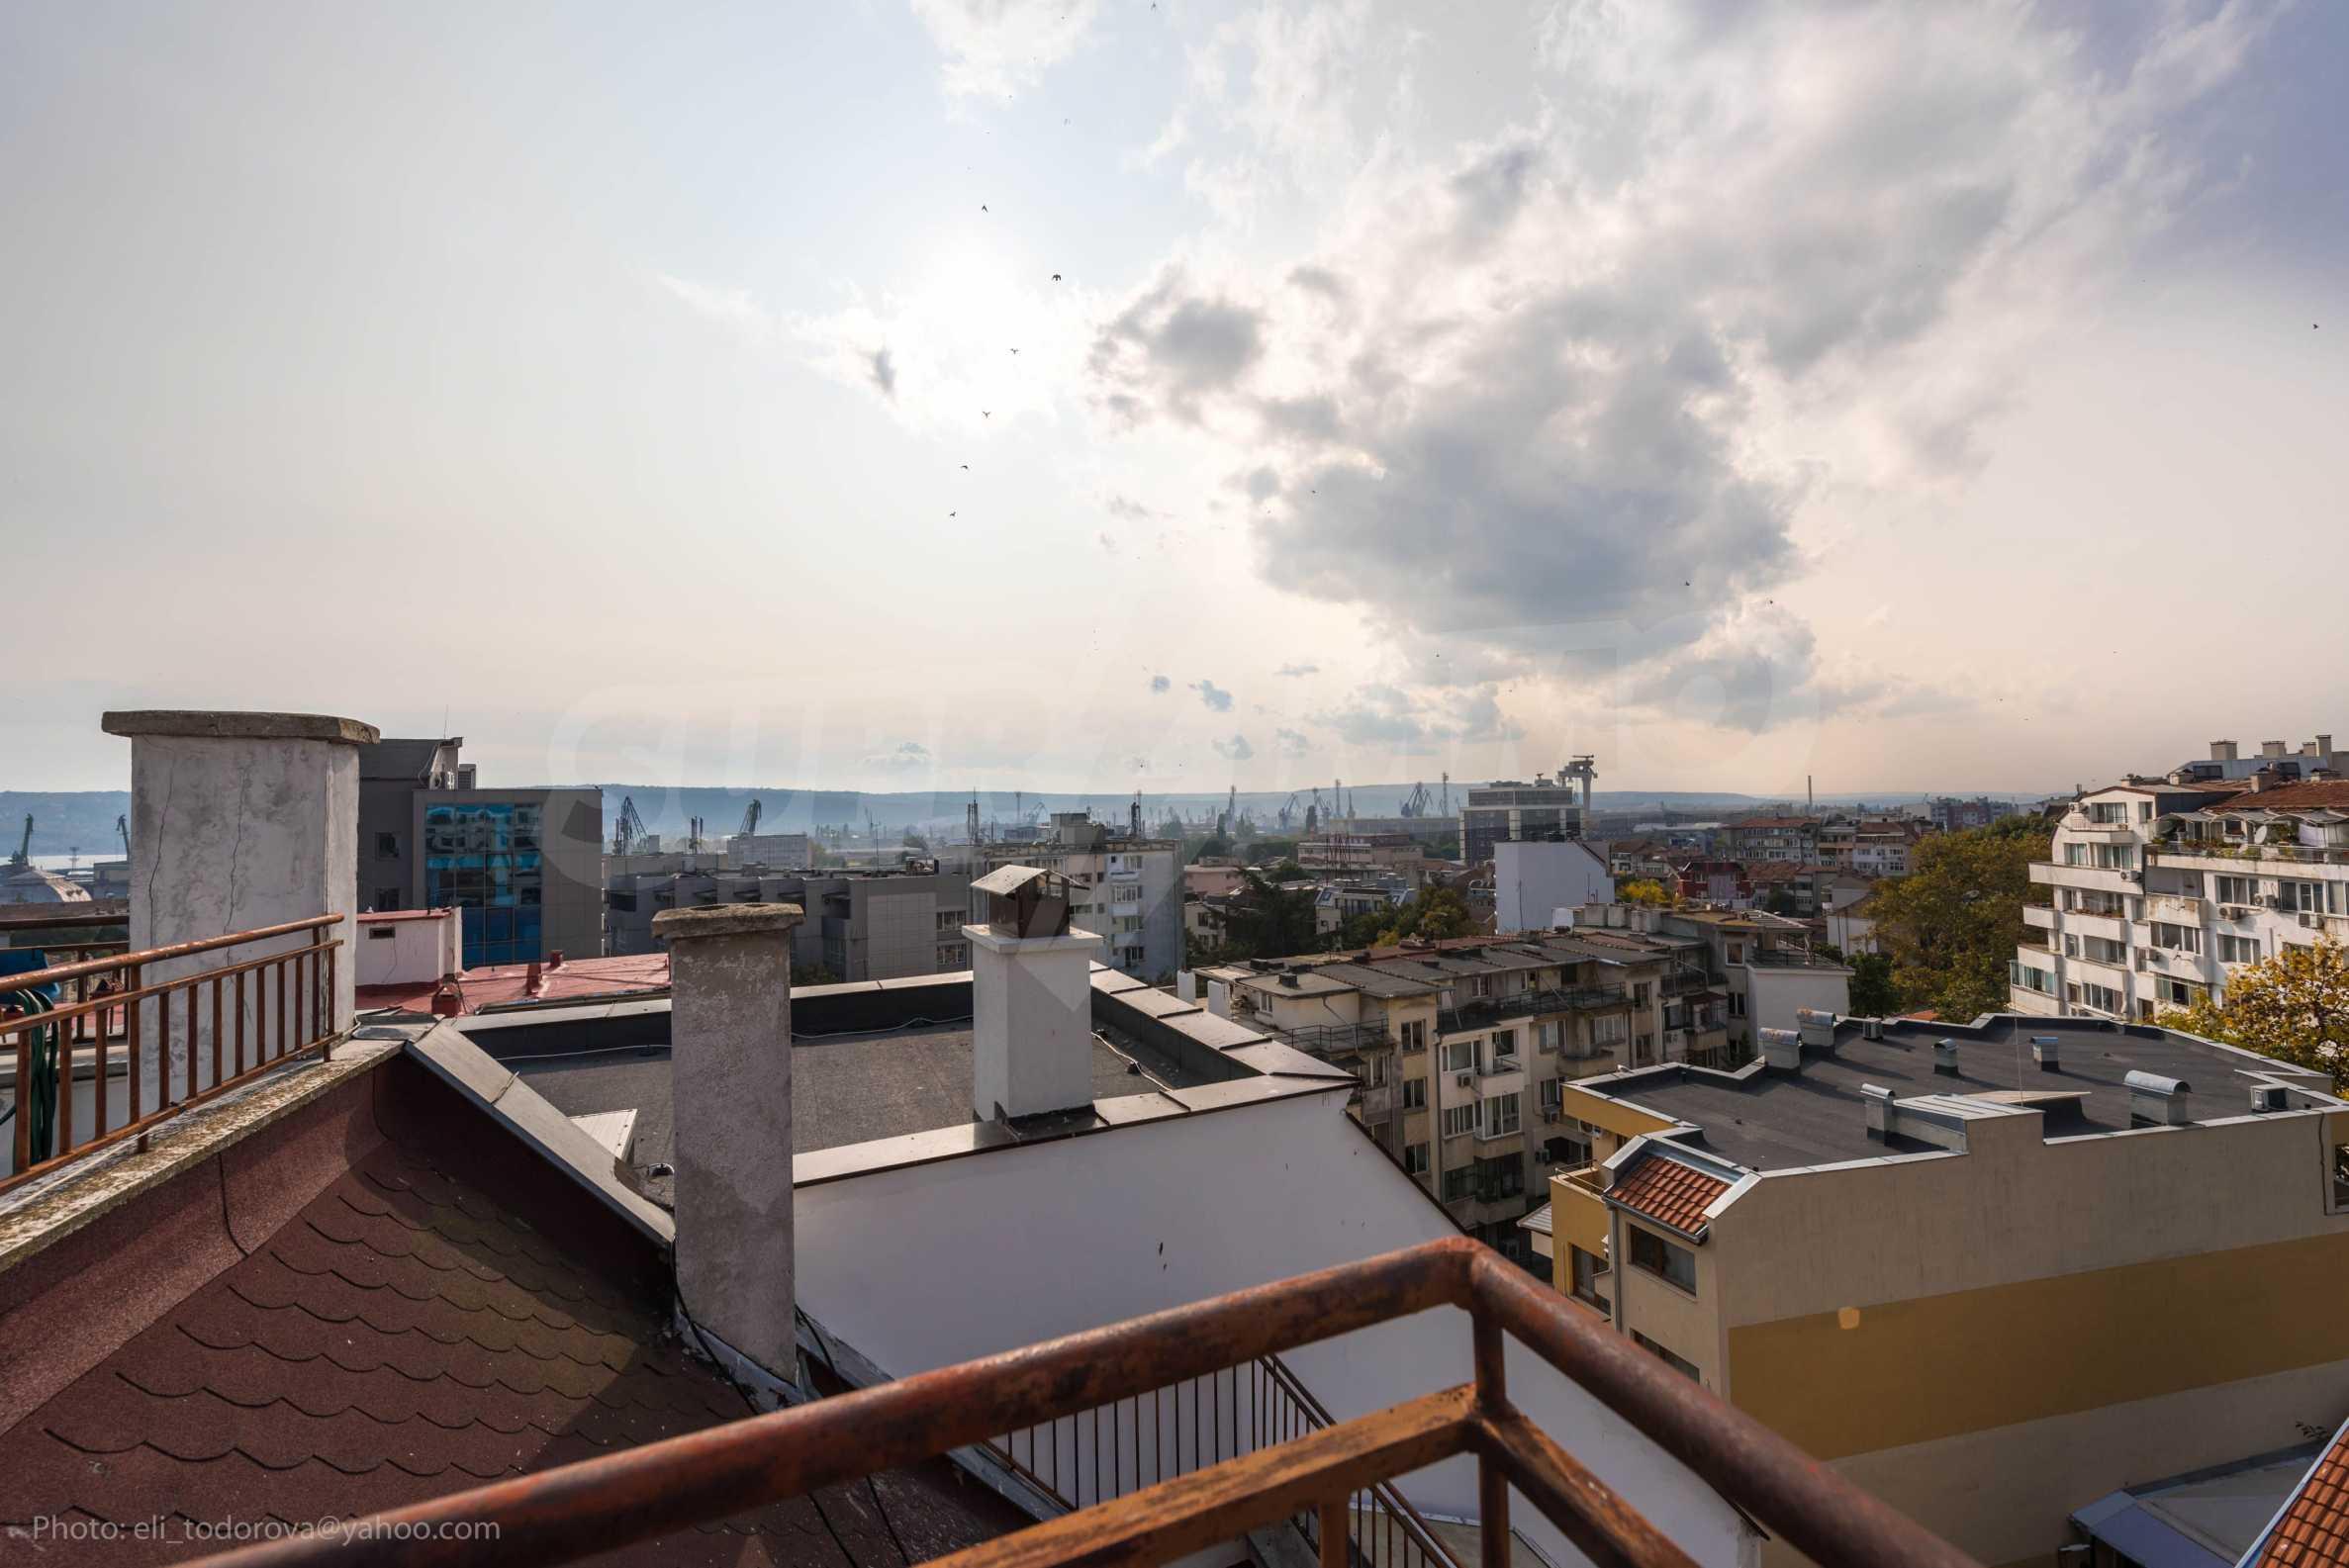 Квартира «Миша» - отличная трехкомнатная недвижимость в идеальном центре. 27